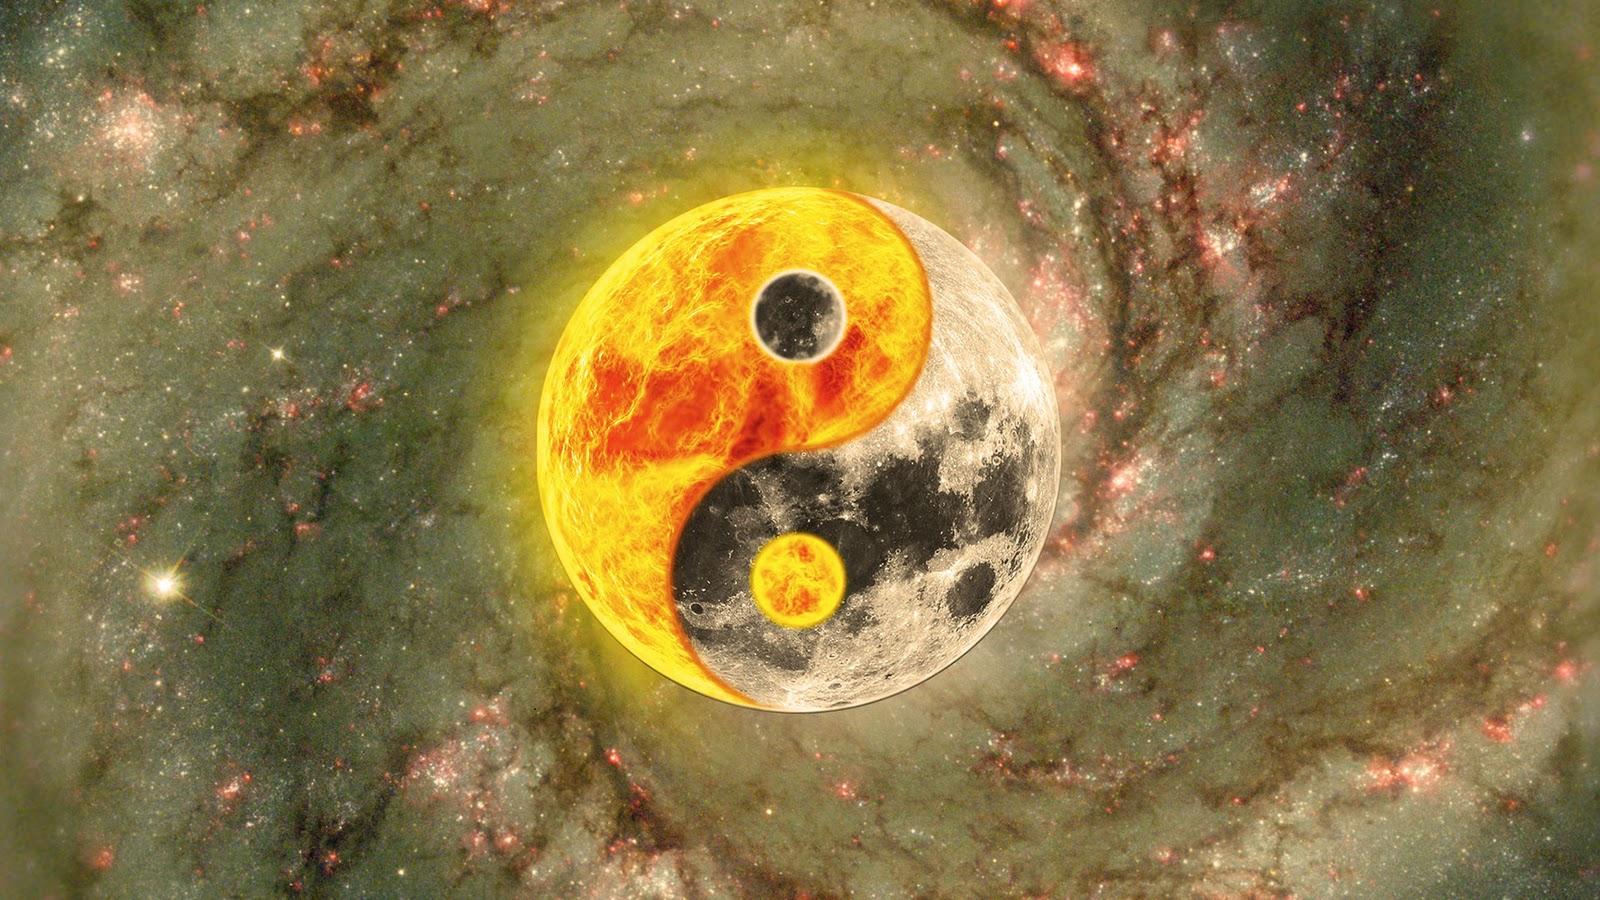 Oráculo gratuito en línea del I Ching